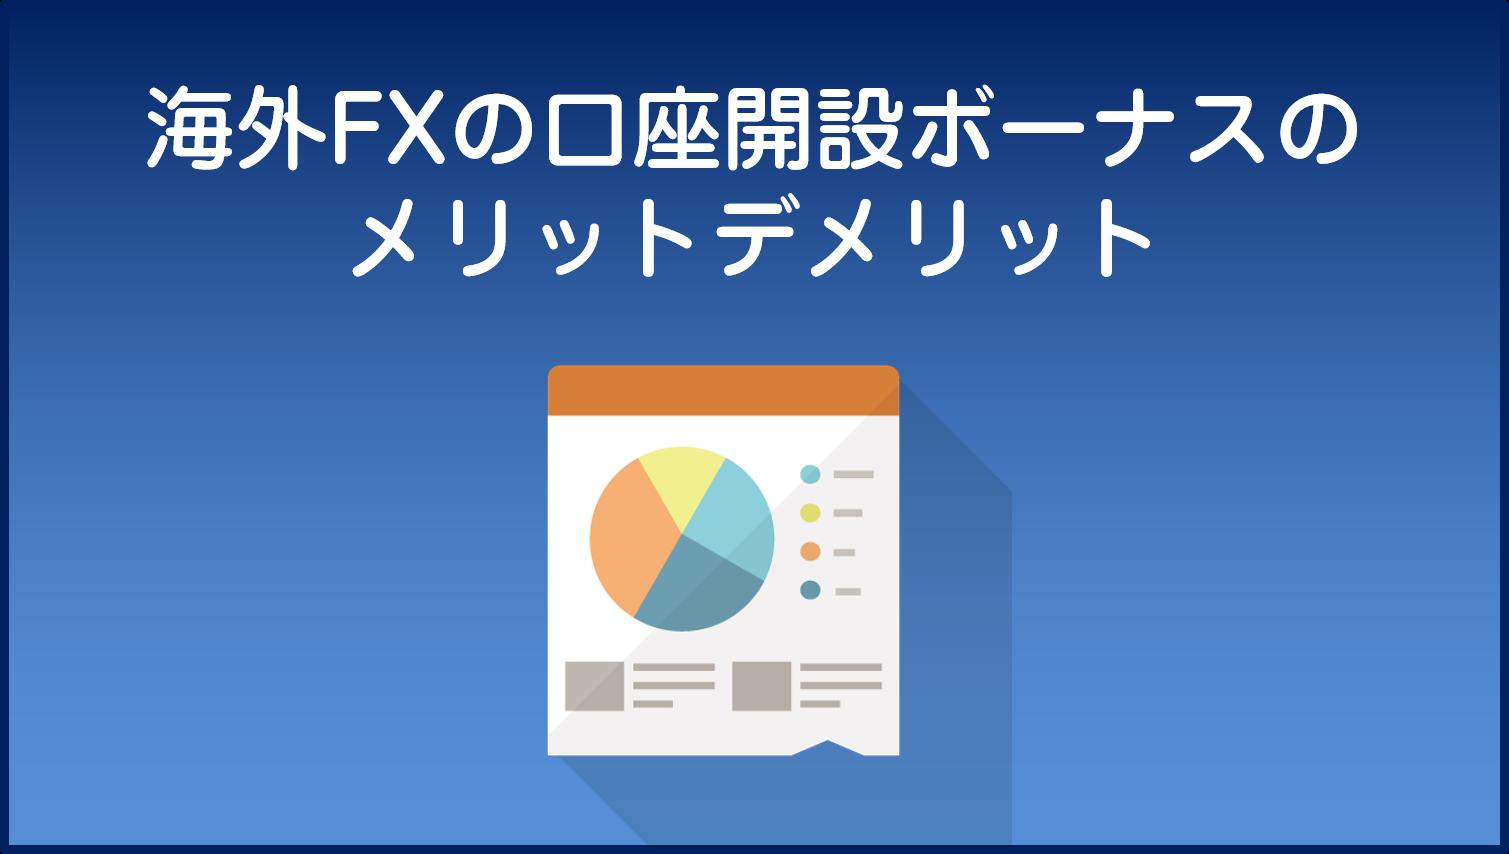 海外FXの口座開設ボーナスのメリットデメリット